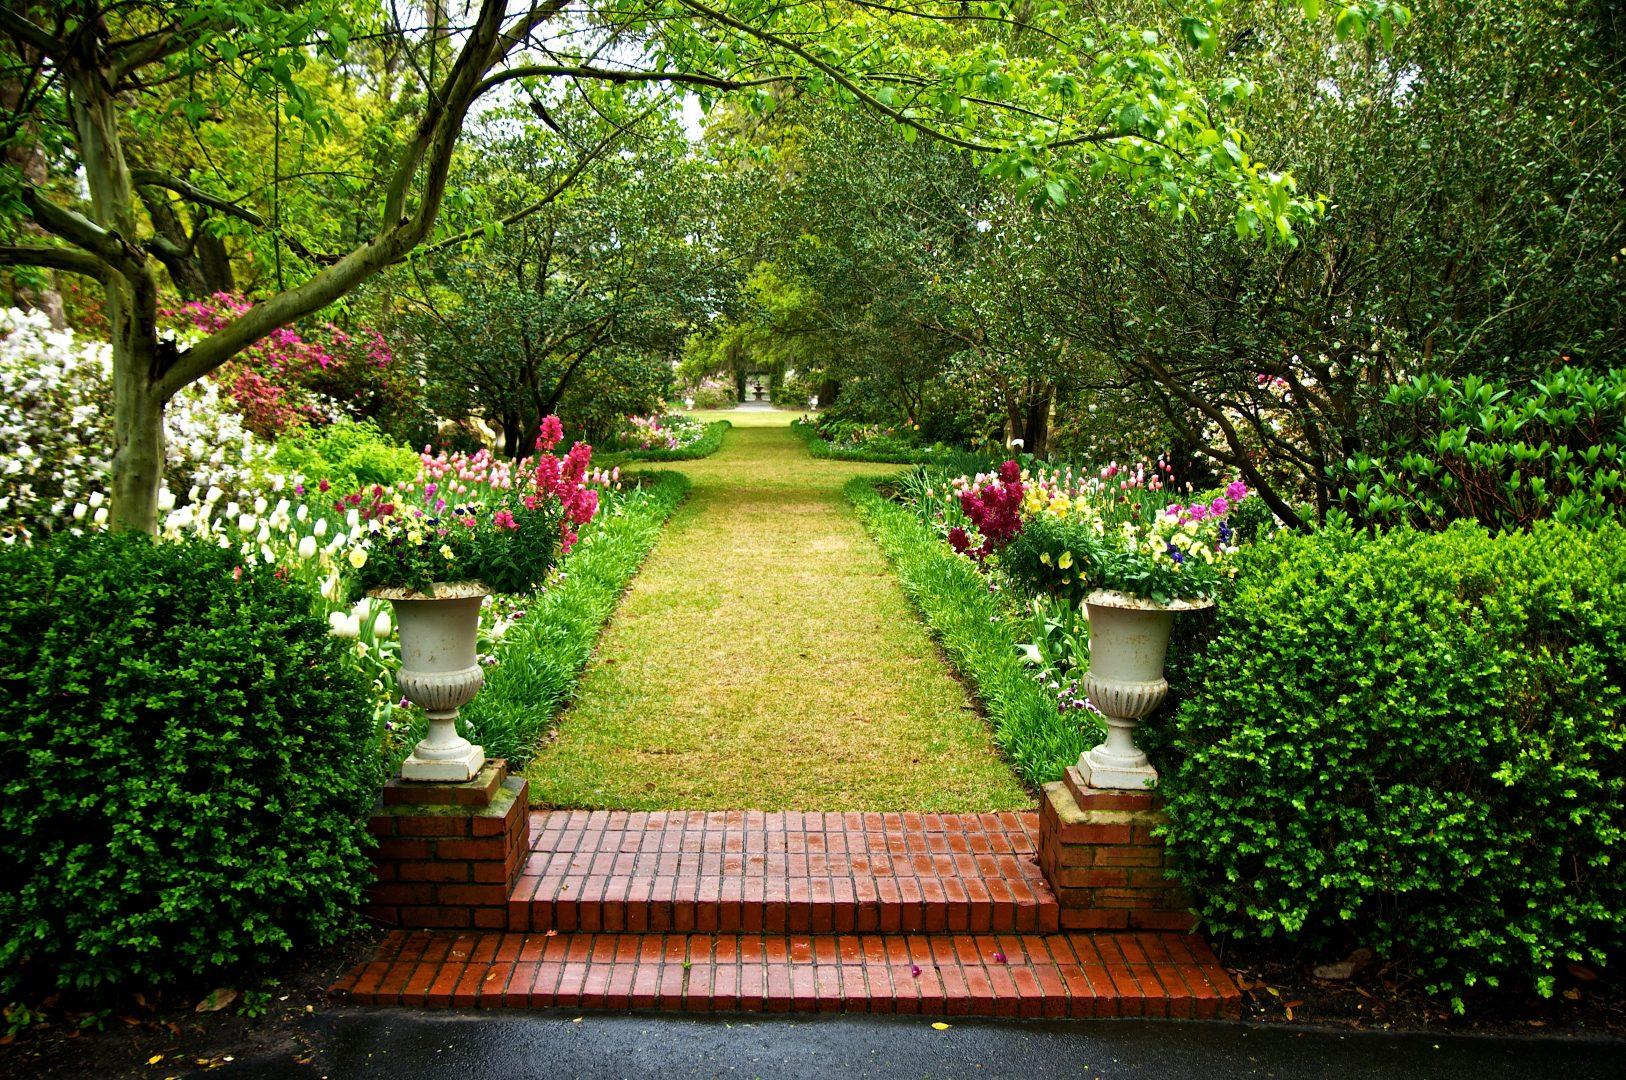 Conheça 10 dos maiores e mais belos jardins do mundo